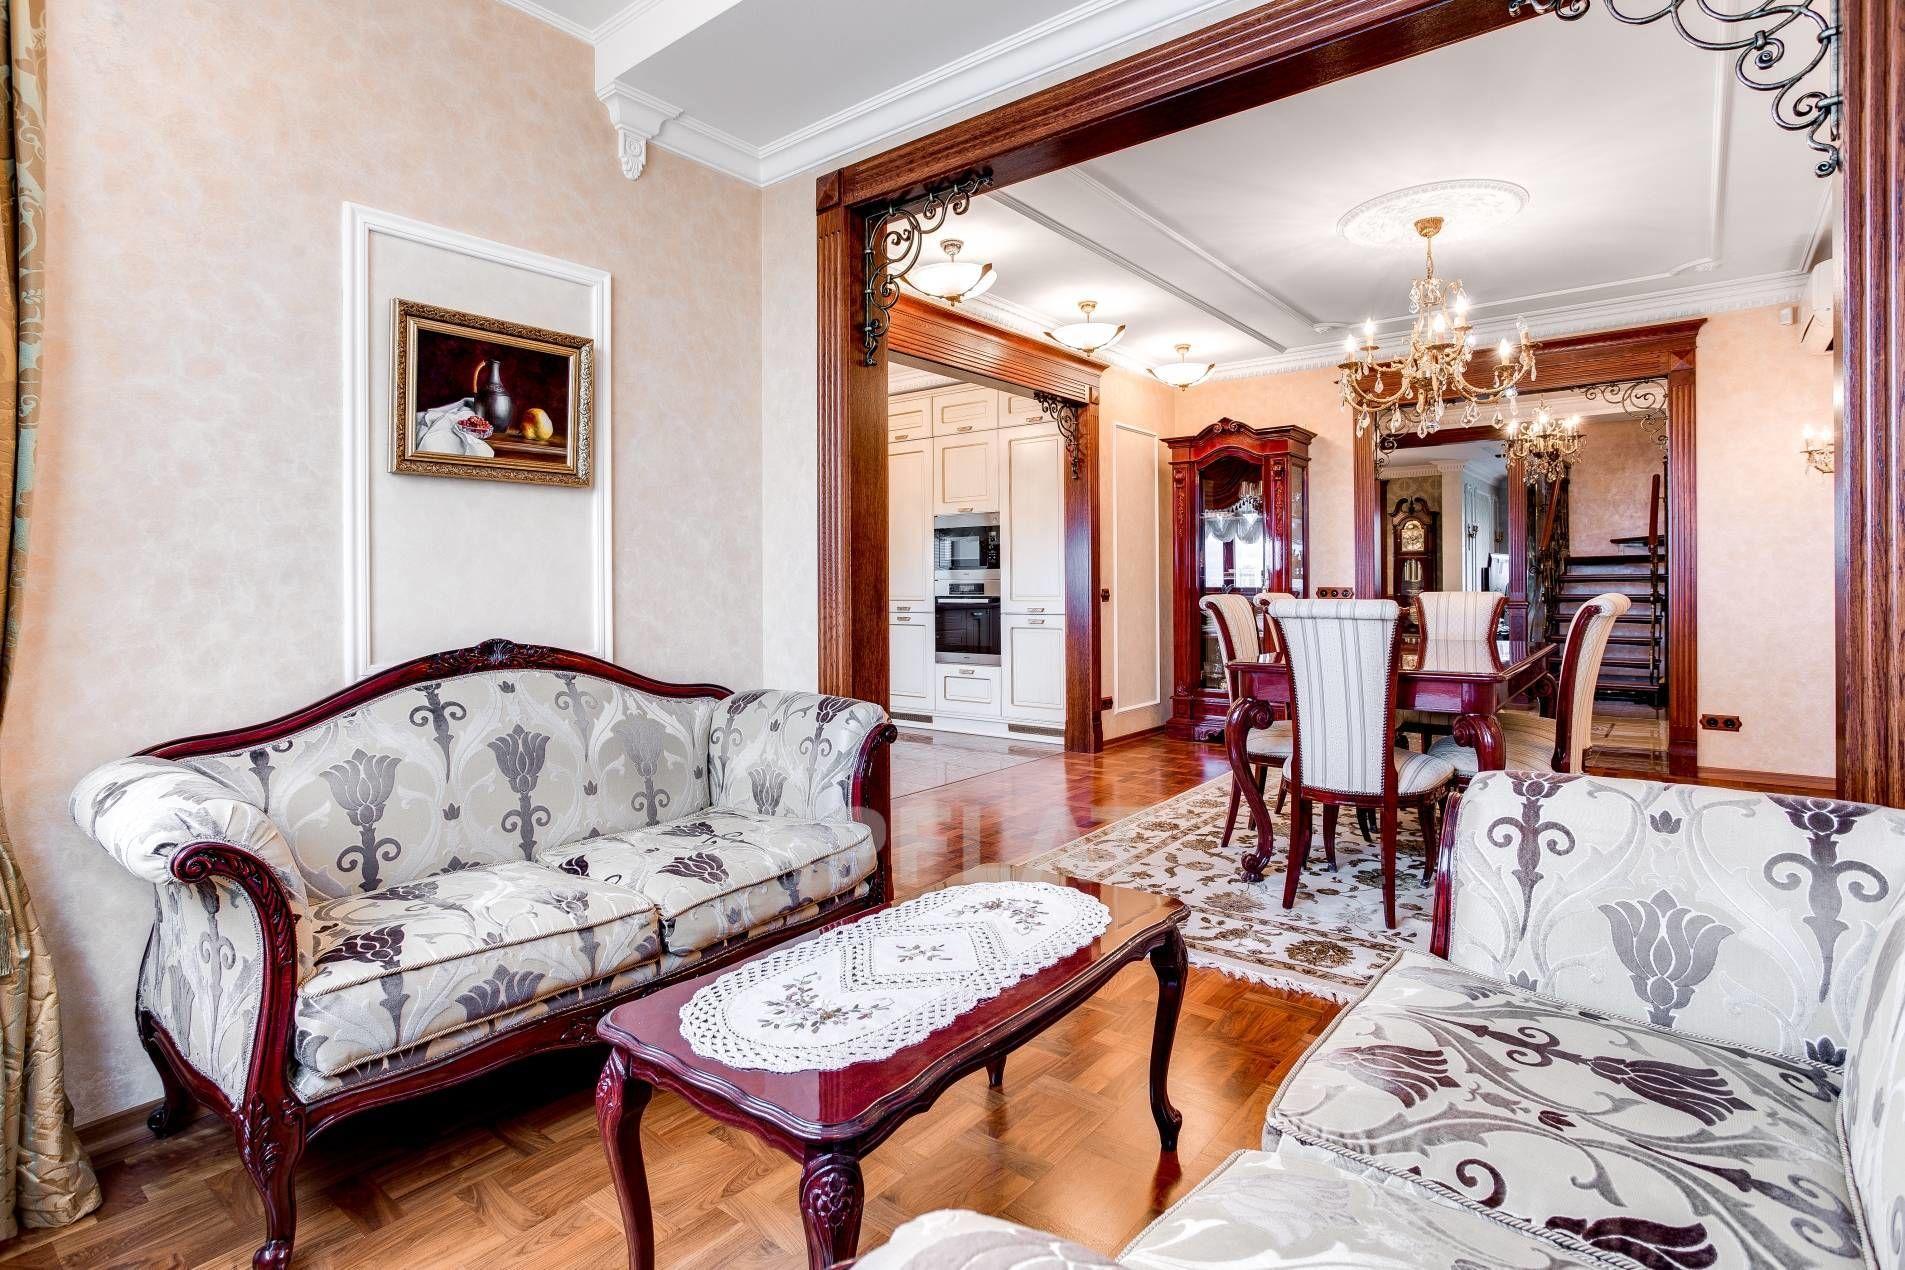 Продажа элитных квартир Санкт-Петербурга. Ветеранов пр., 75 к. 1 Уютный эркер в столовой